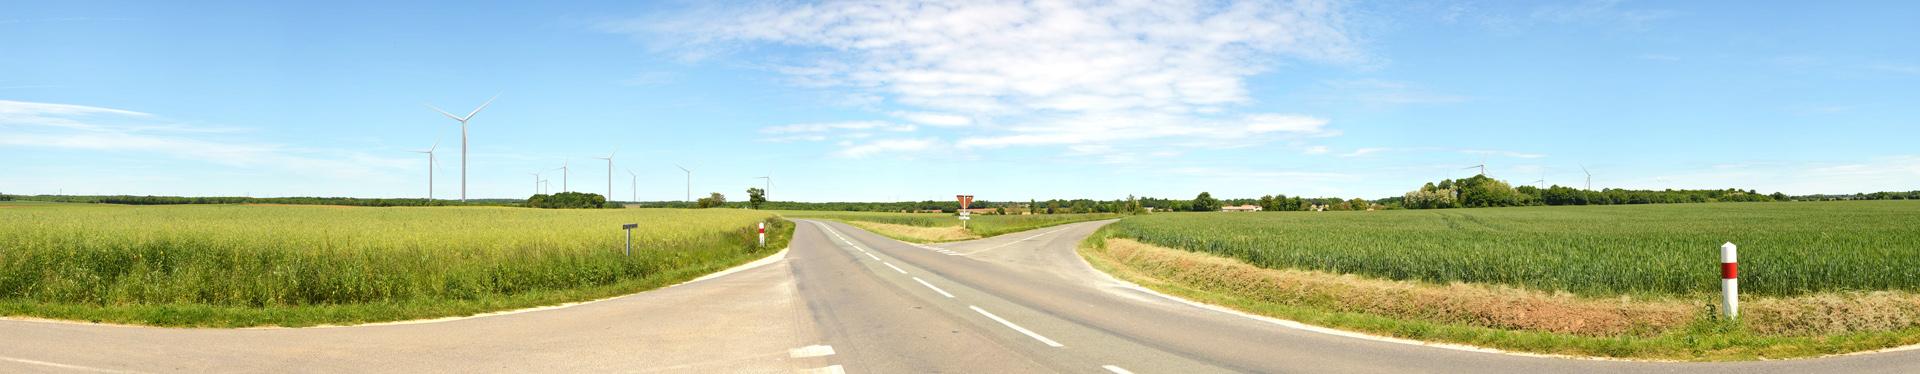 Photo panoramique